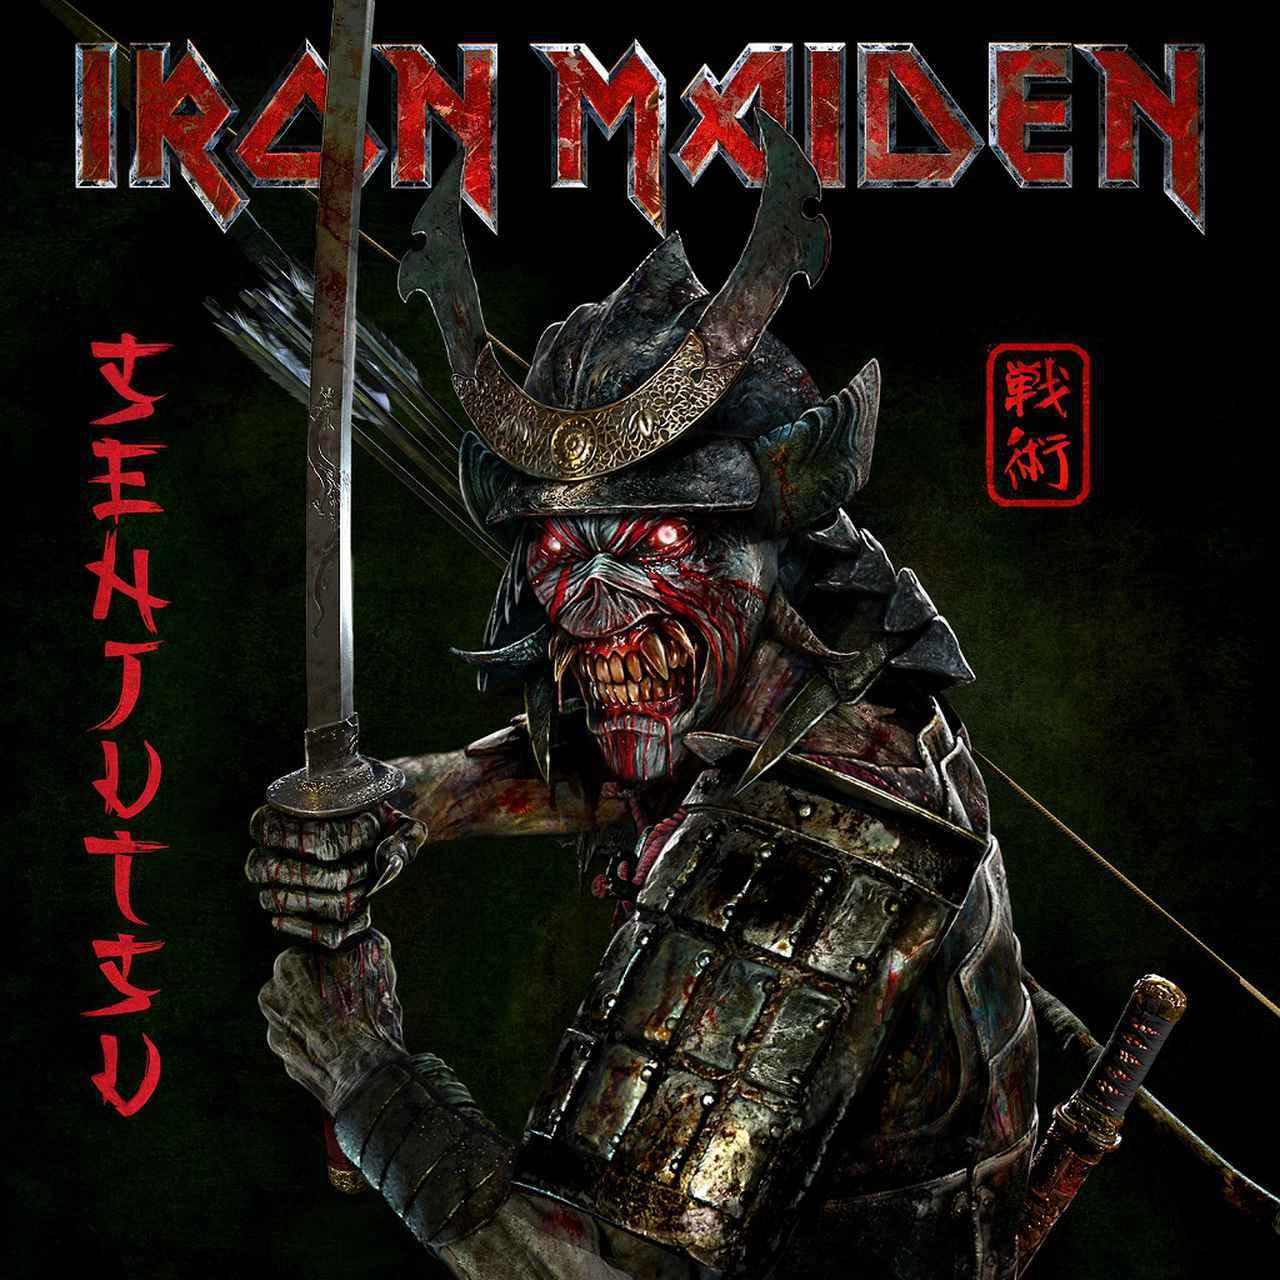 画像: Senjutsu / Iron Maiden